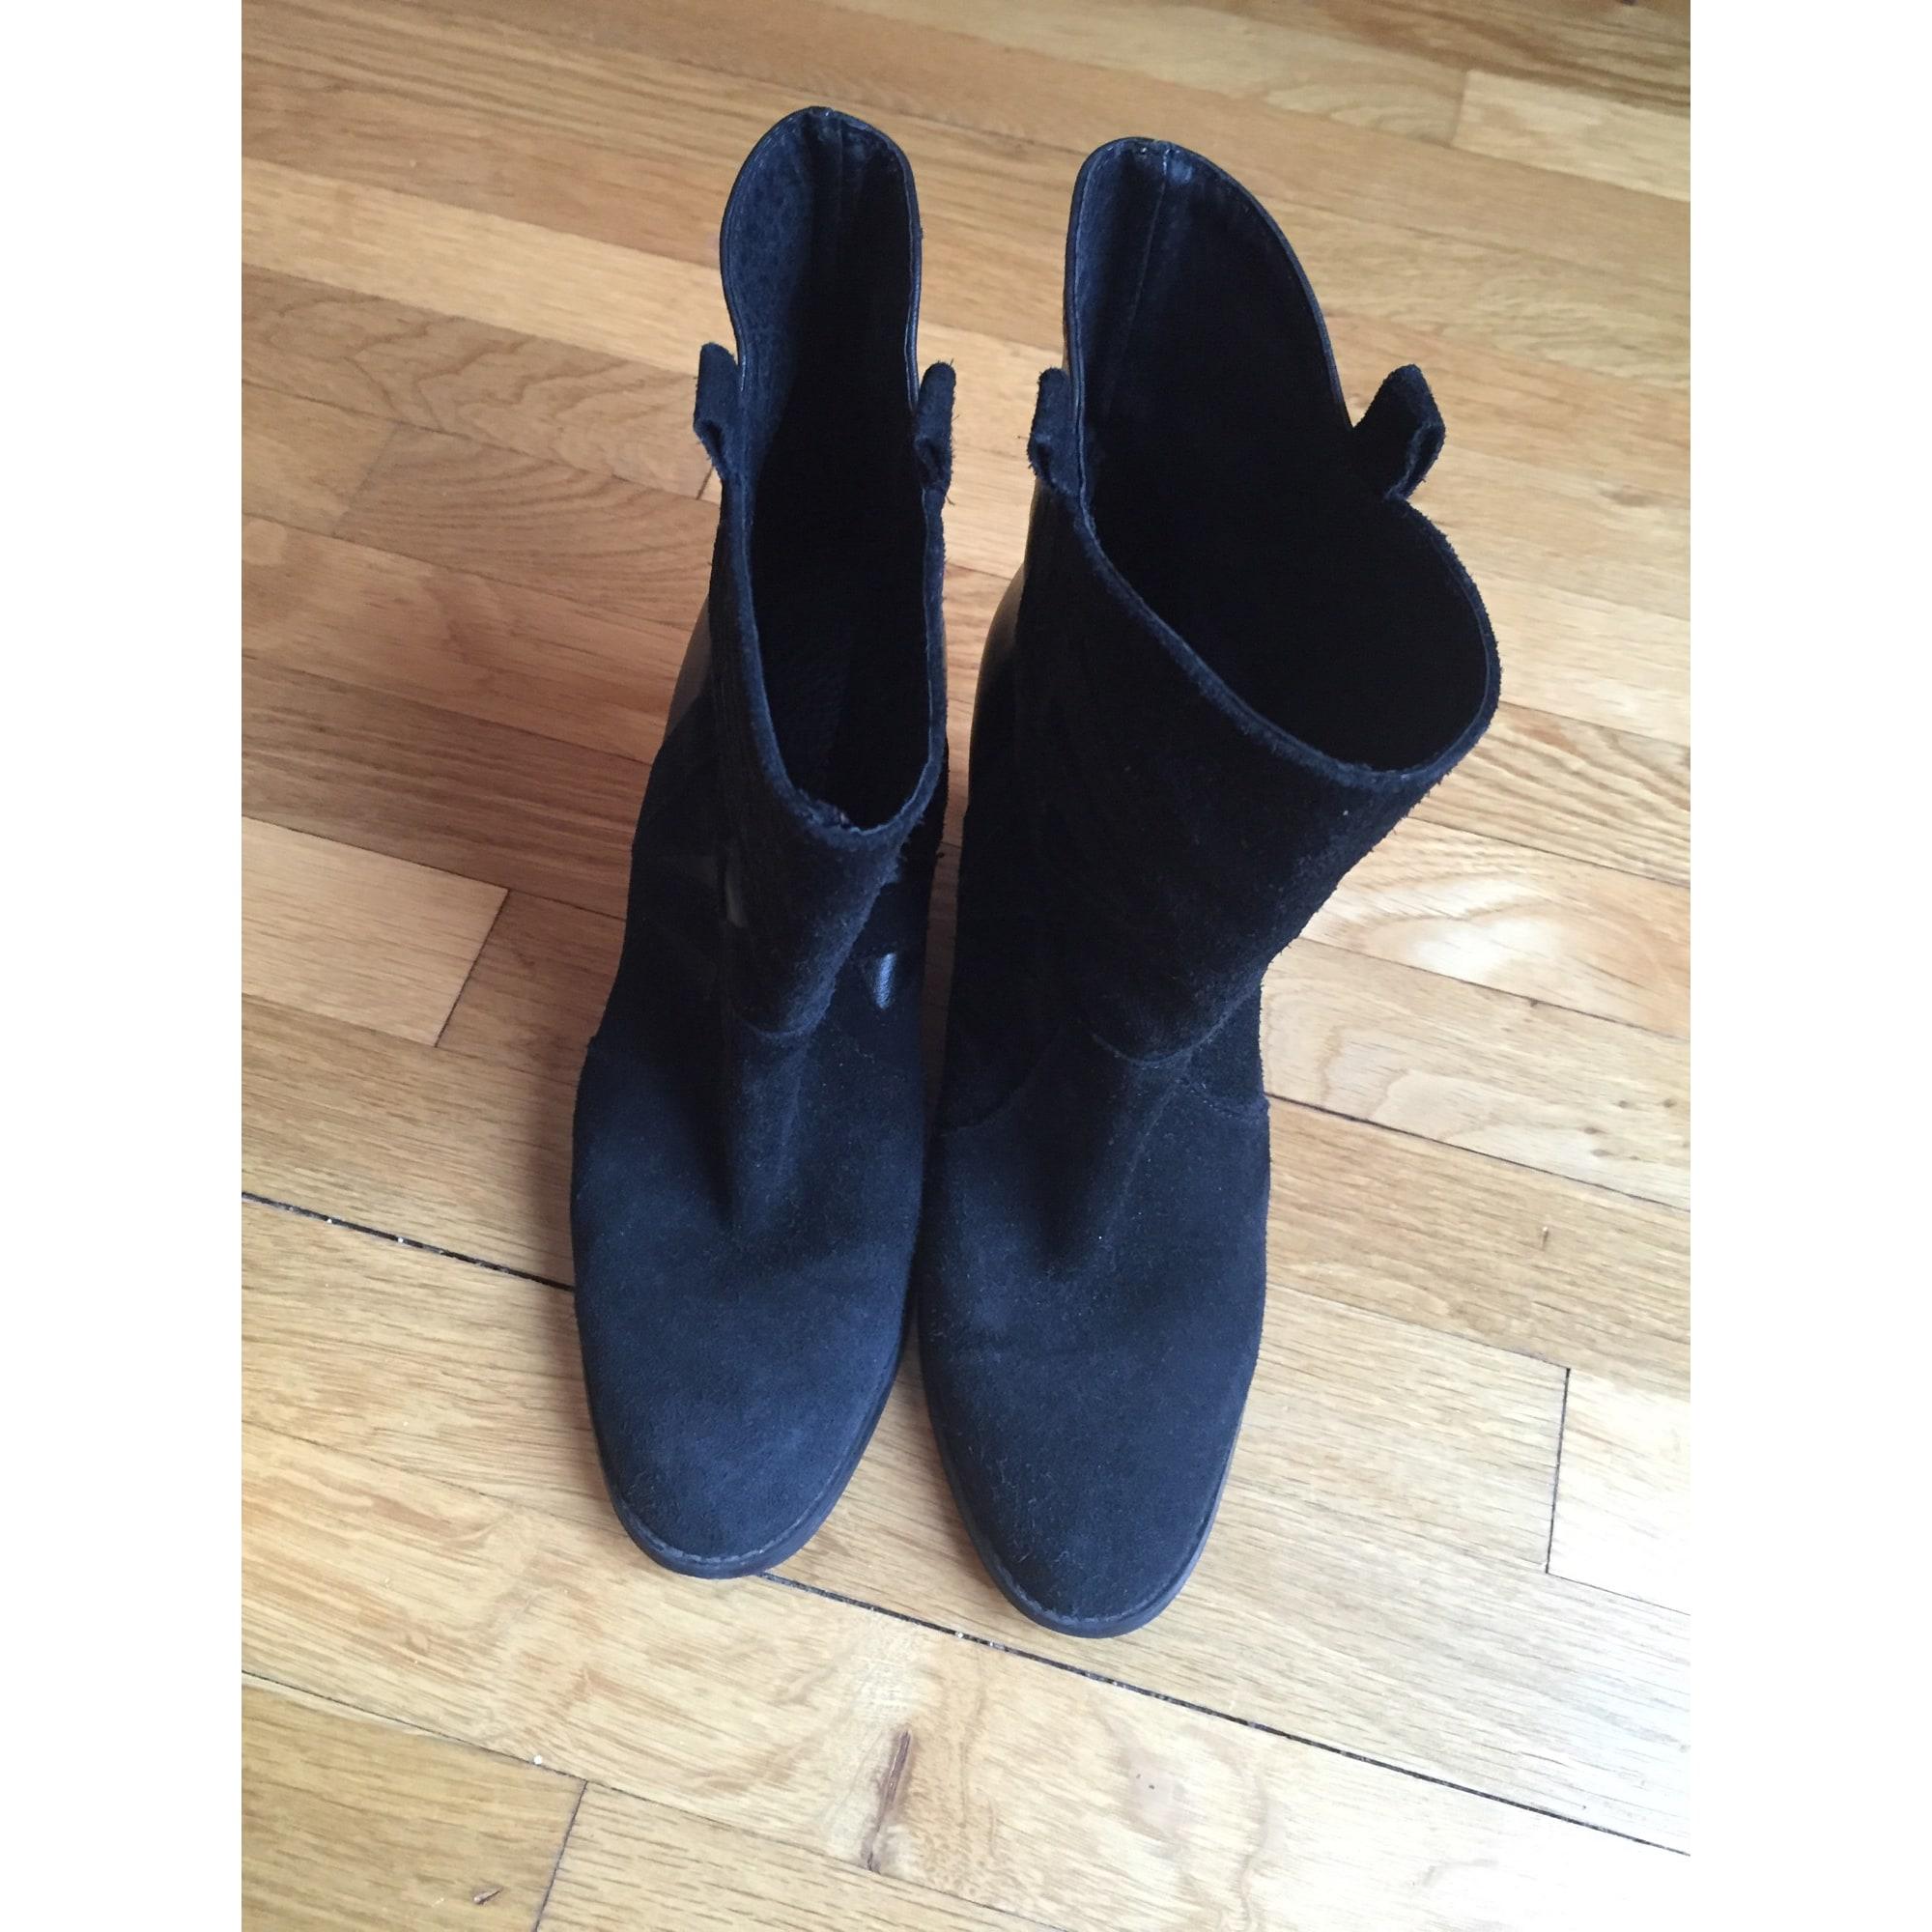 c9df2265992ec8 Bottines & low boots à talons A BY ANDRE 37 noir - 6425248